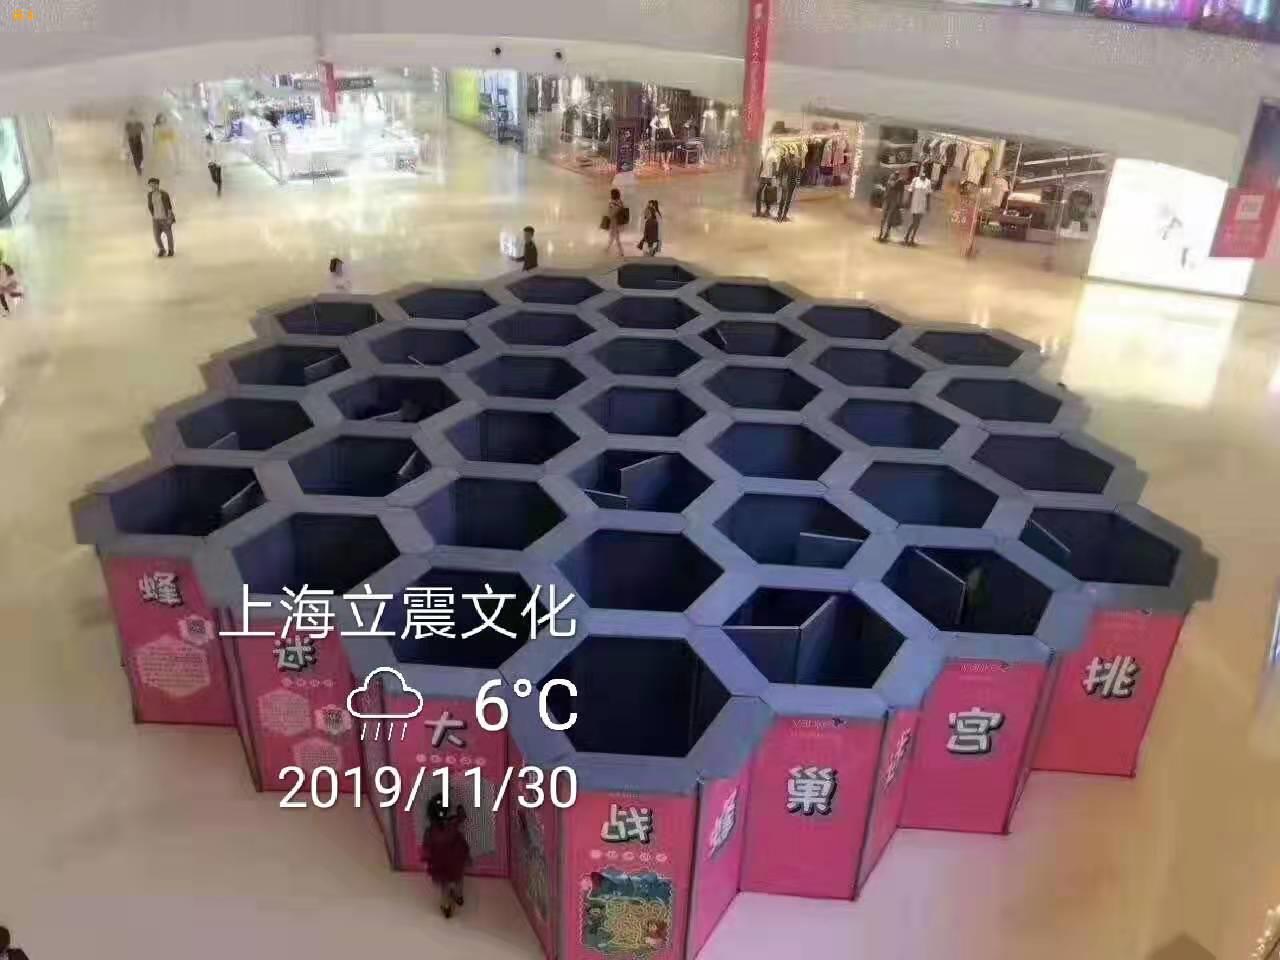 高端暖场道具蜂巢迷宫出租出售